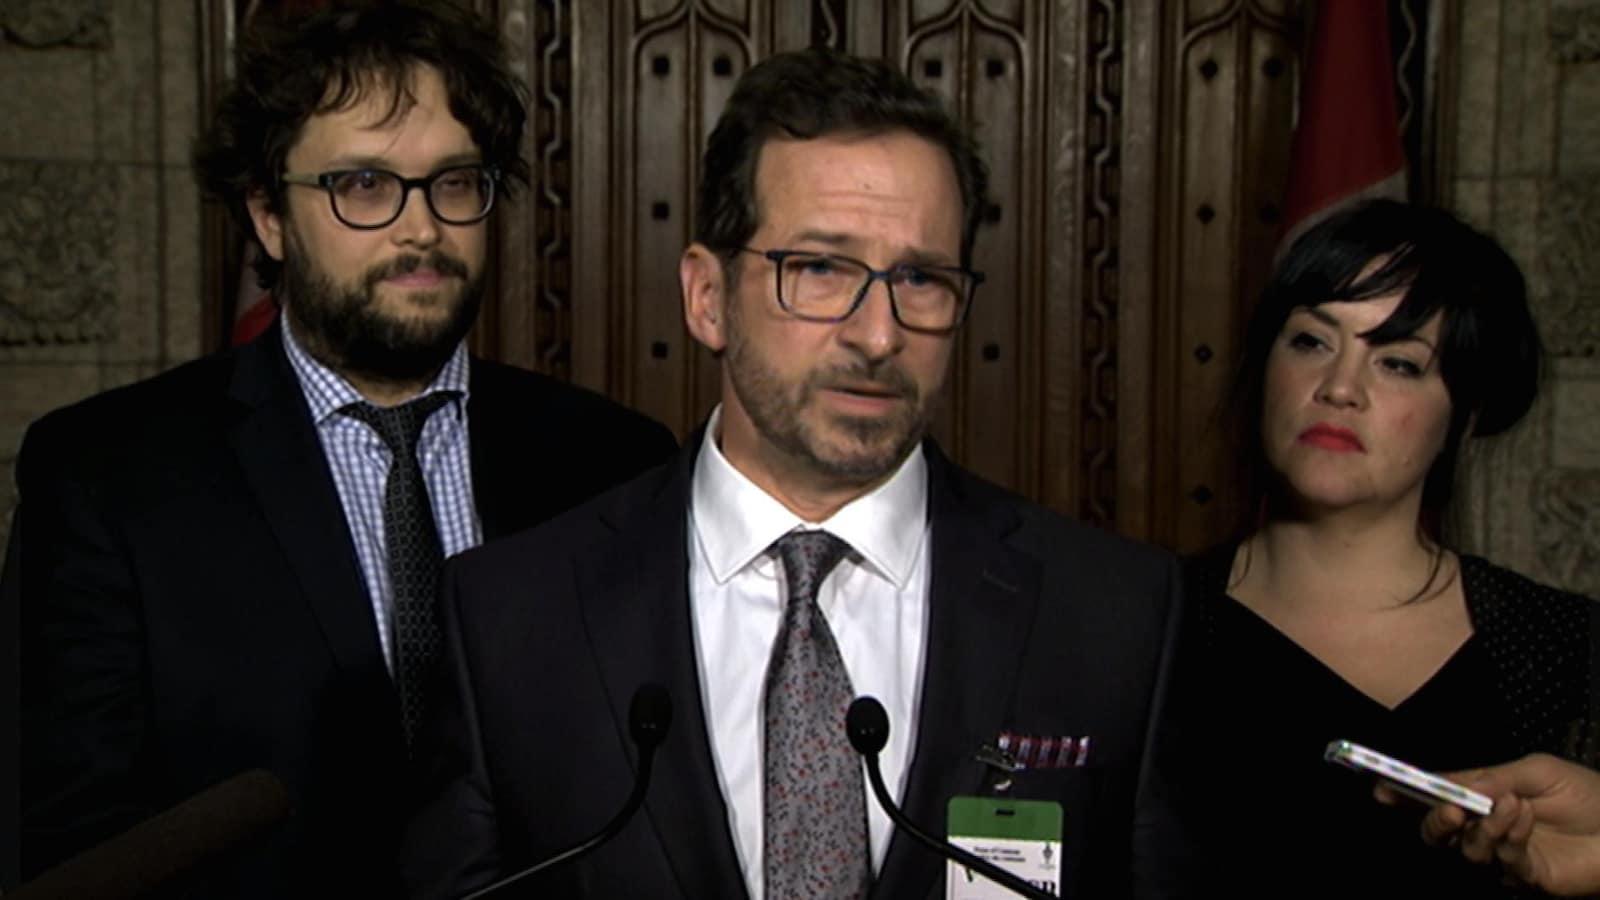 Yves-François Blanchet en conférence de presse, avec à ses côtés les députés bloquistes Gabriel Ste-Marie et Marilène Gill.